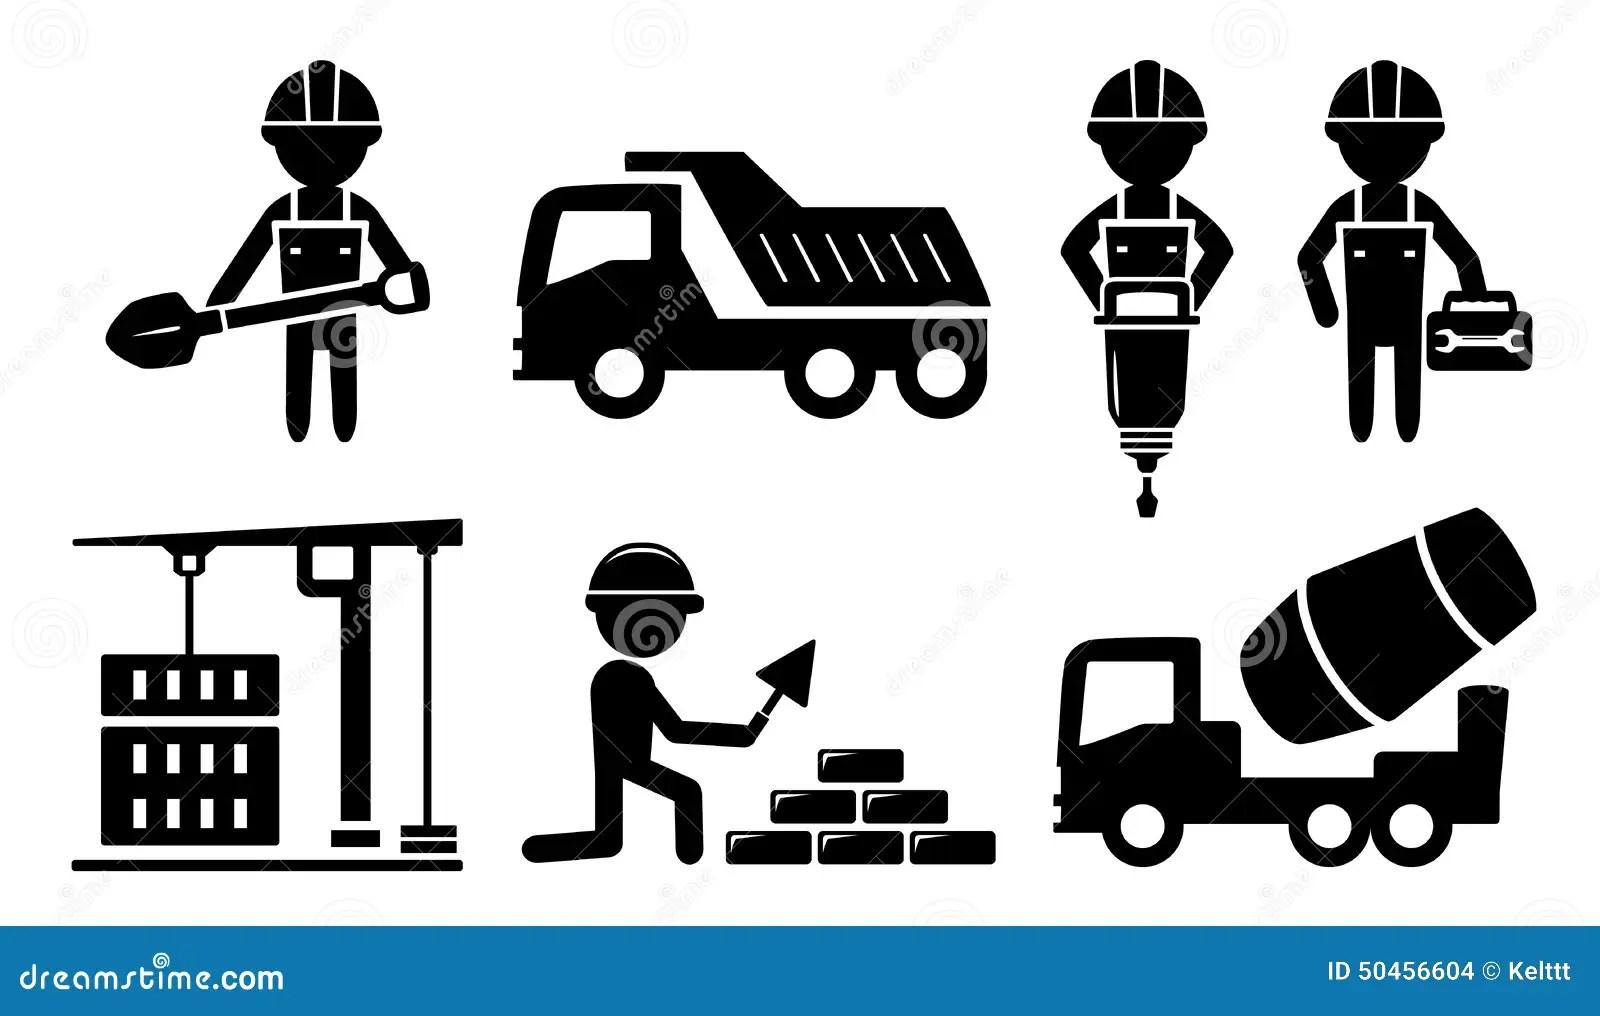 Icone Industrial De Construcao Para A Industria Da